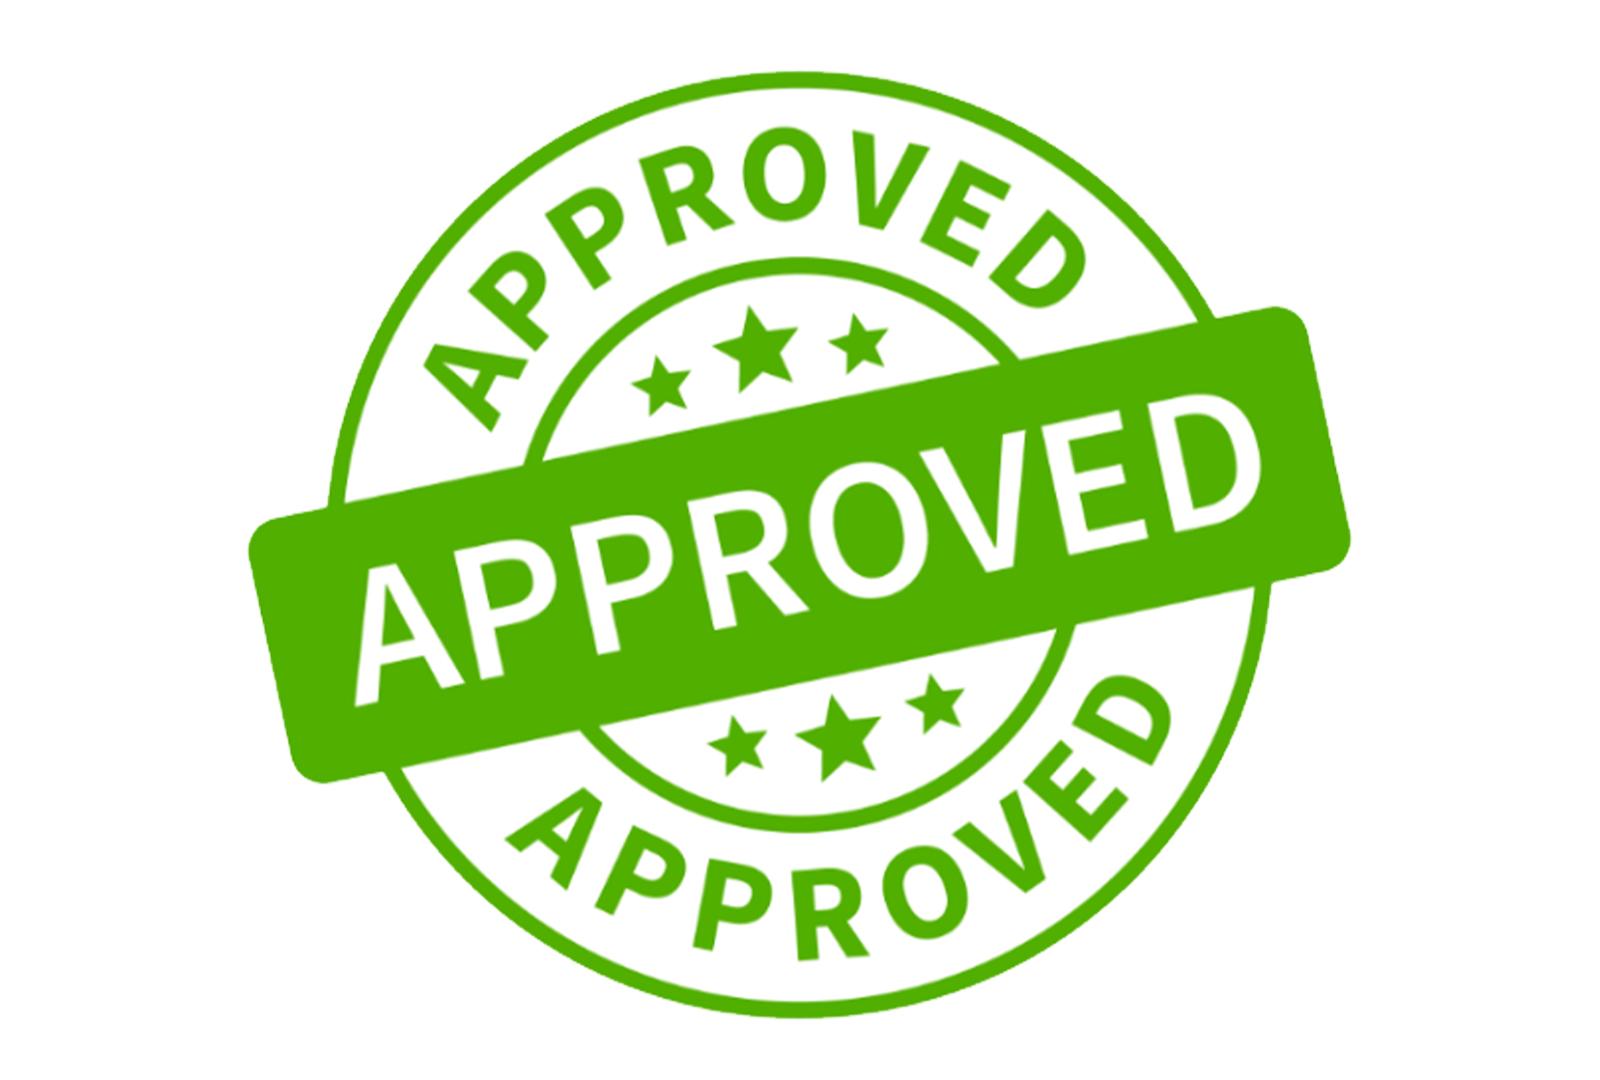 approved-dikdörtgen